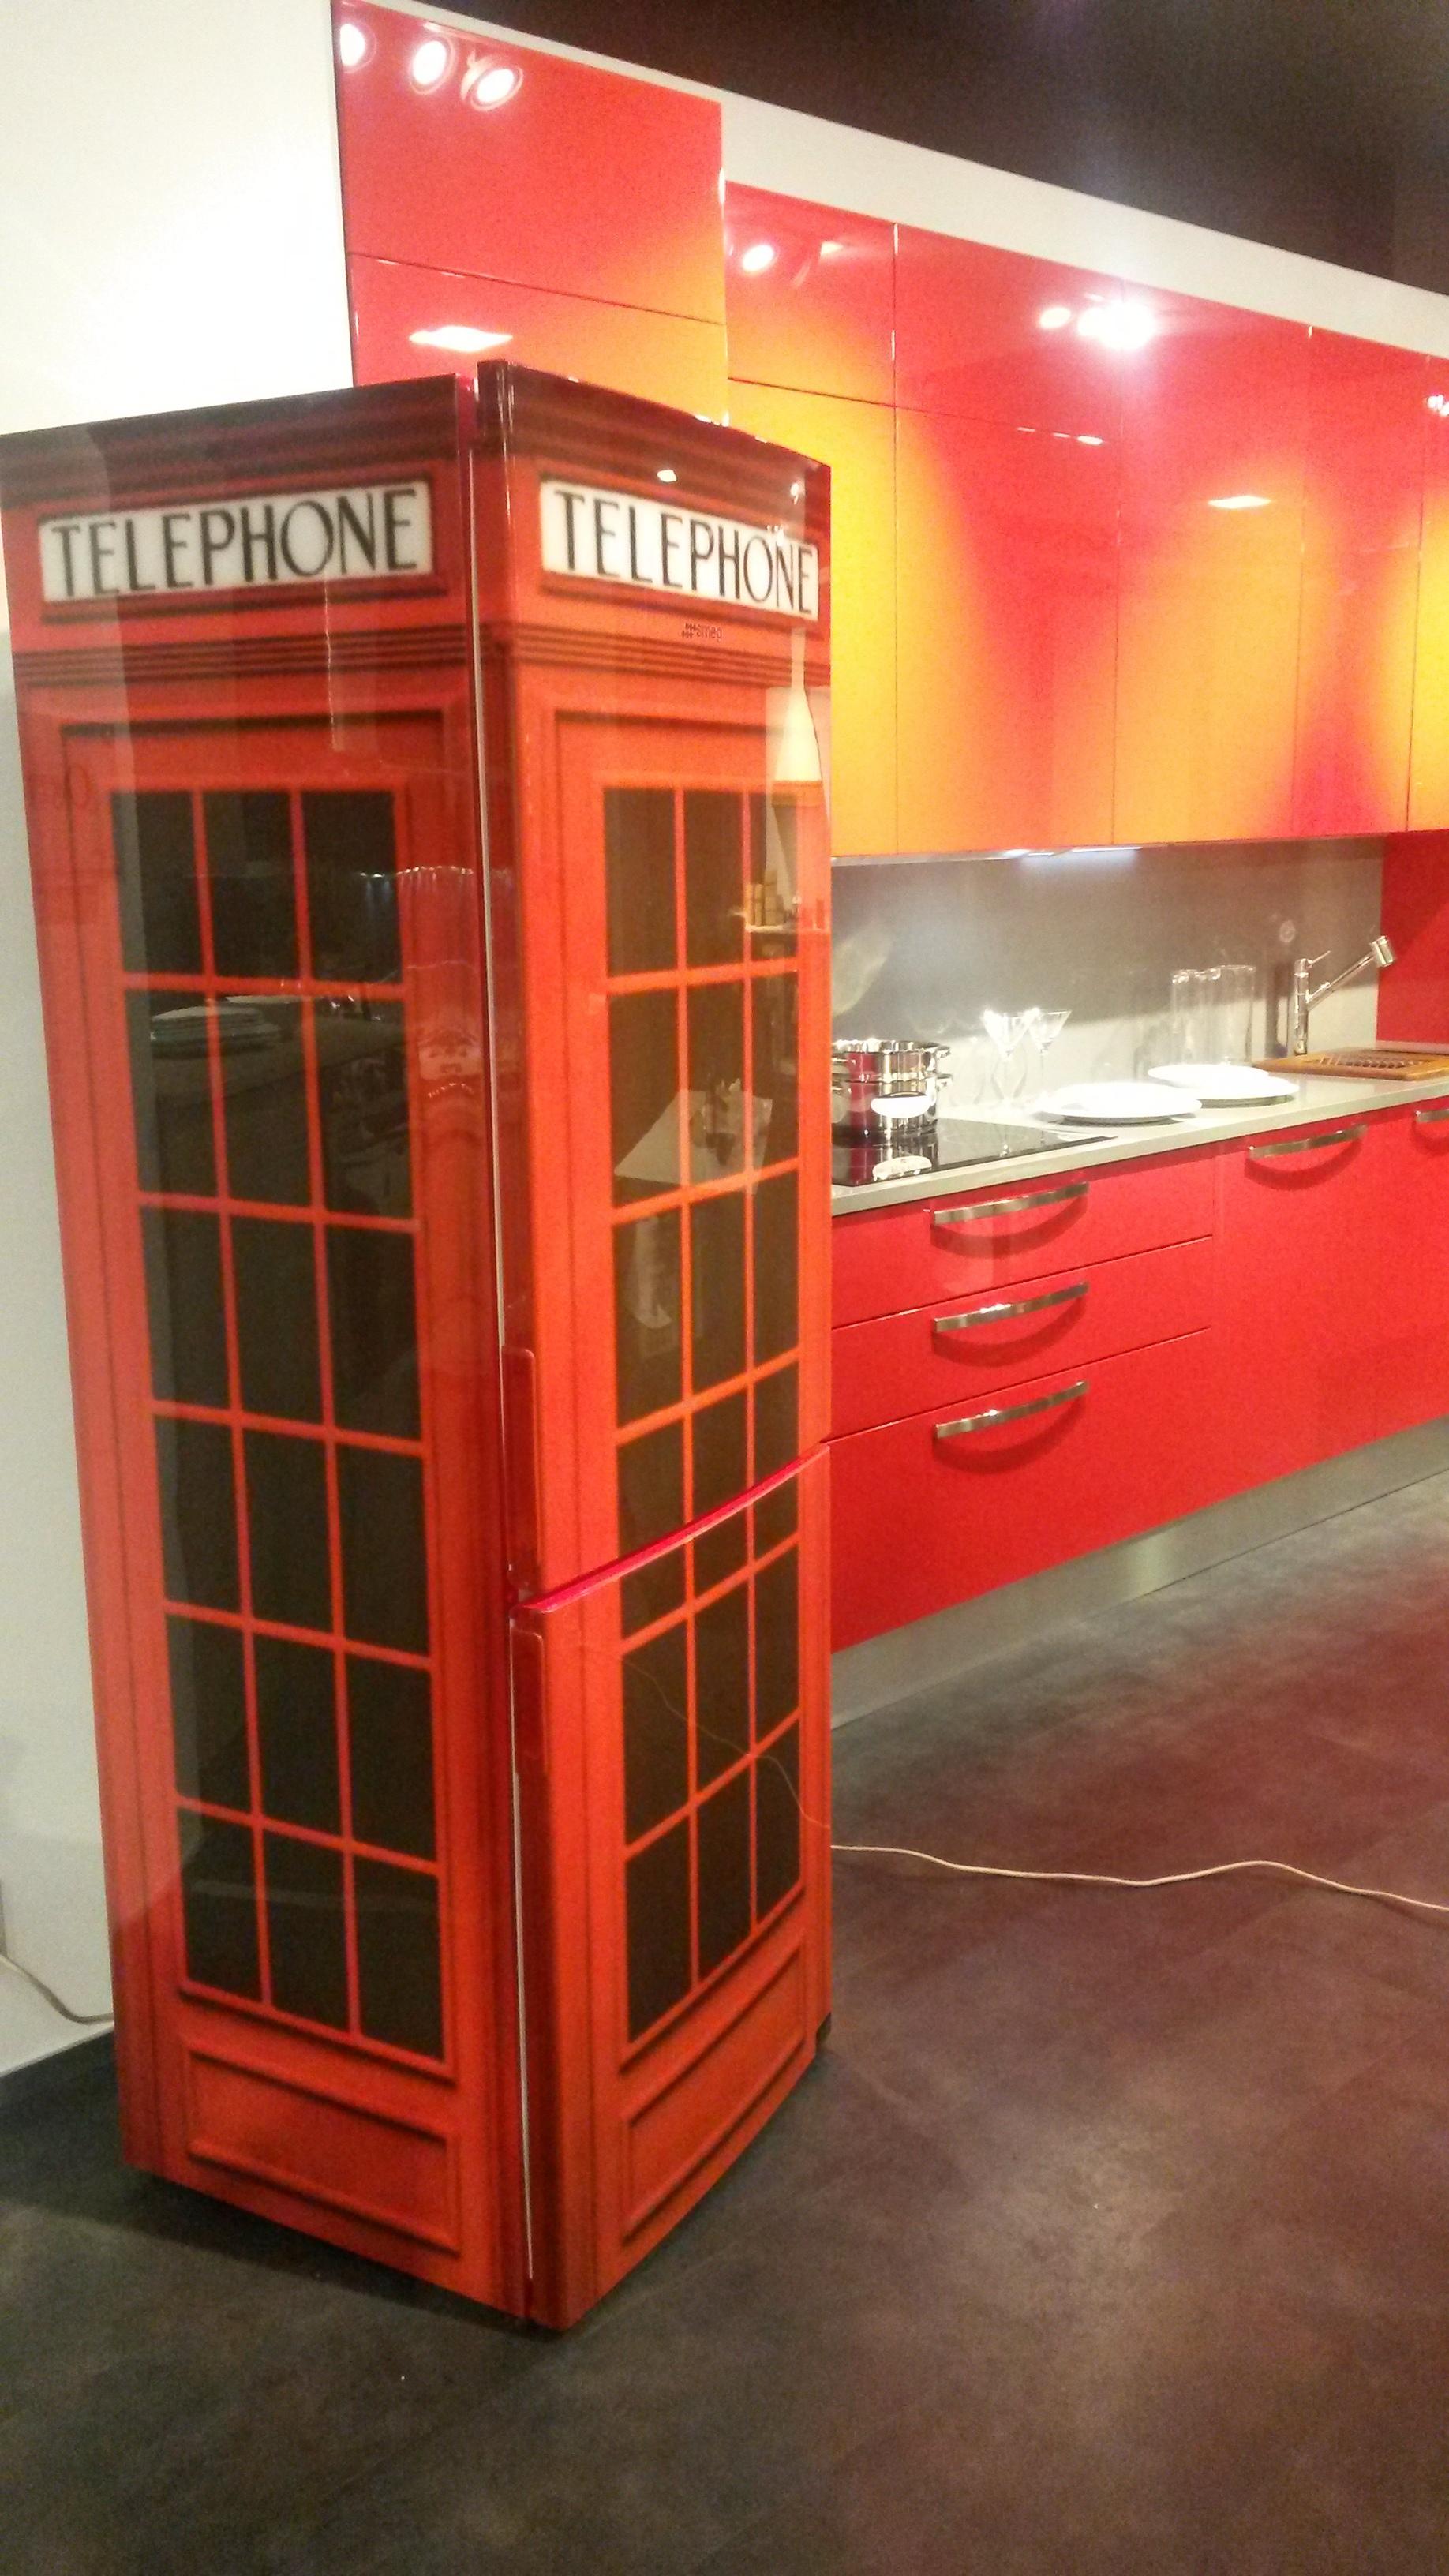 frigocongelatore cabina telefonica inglese